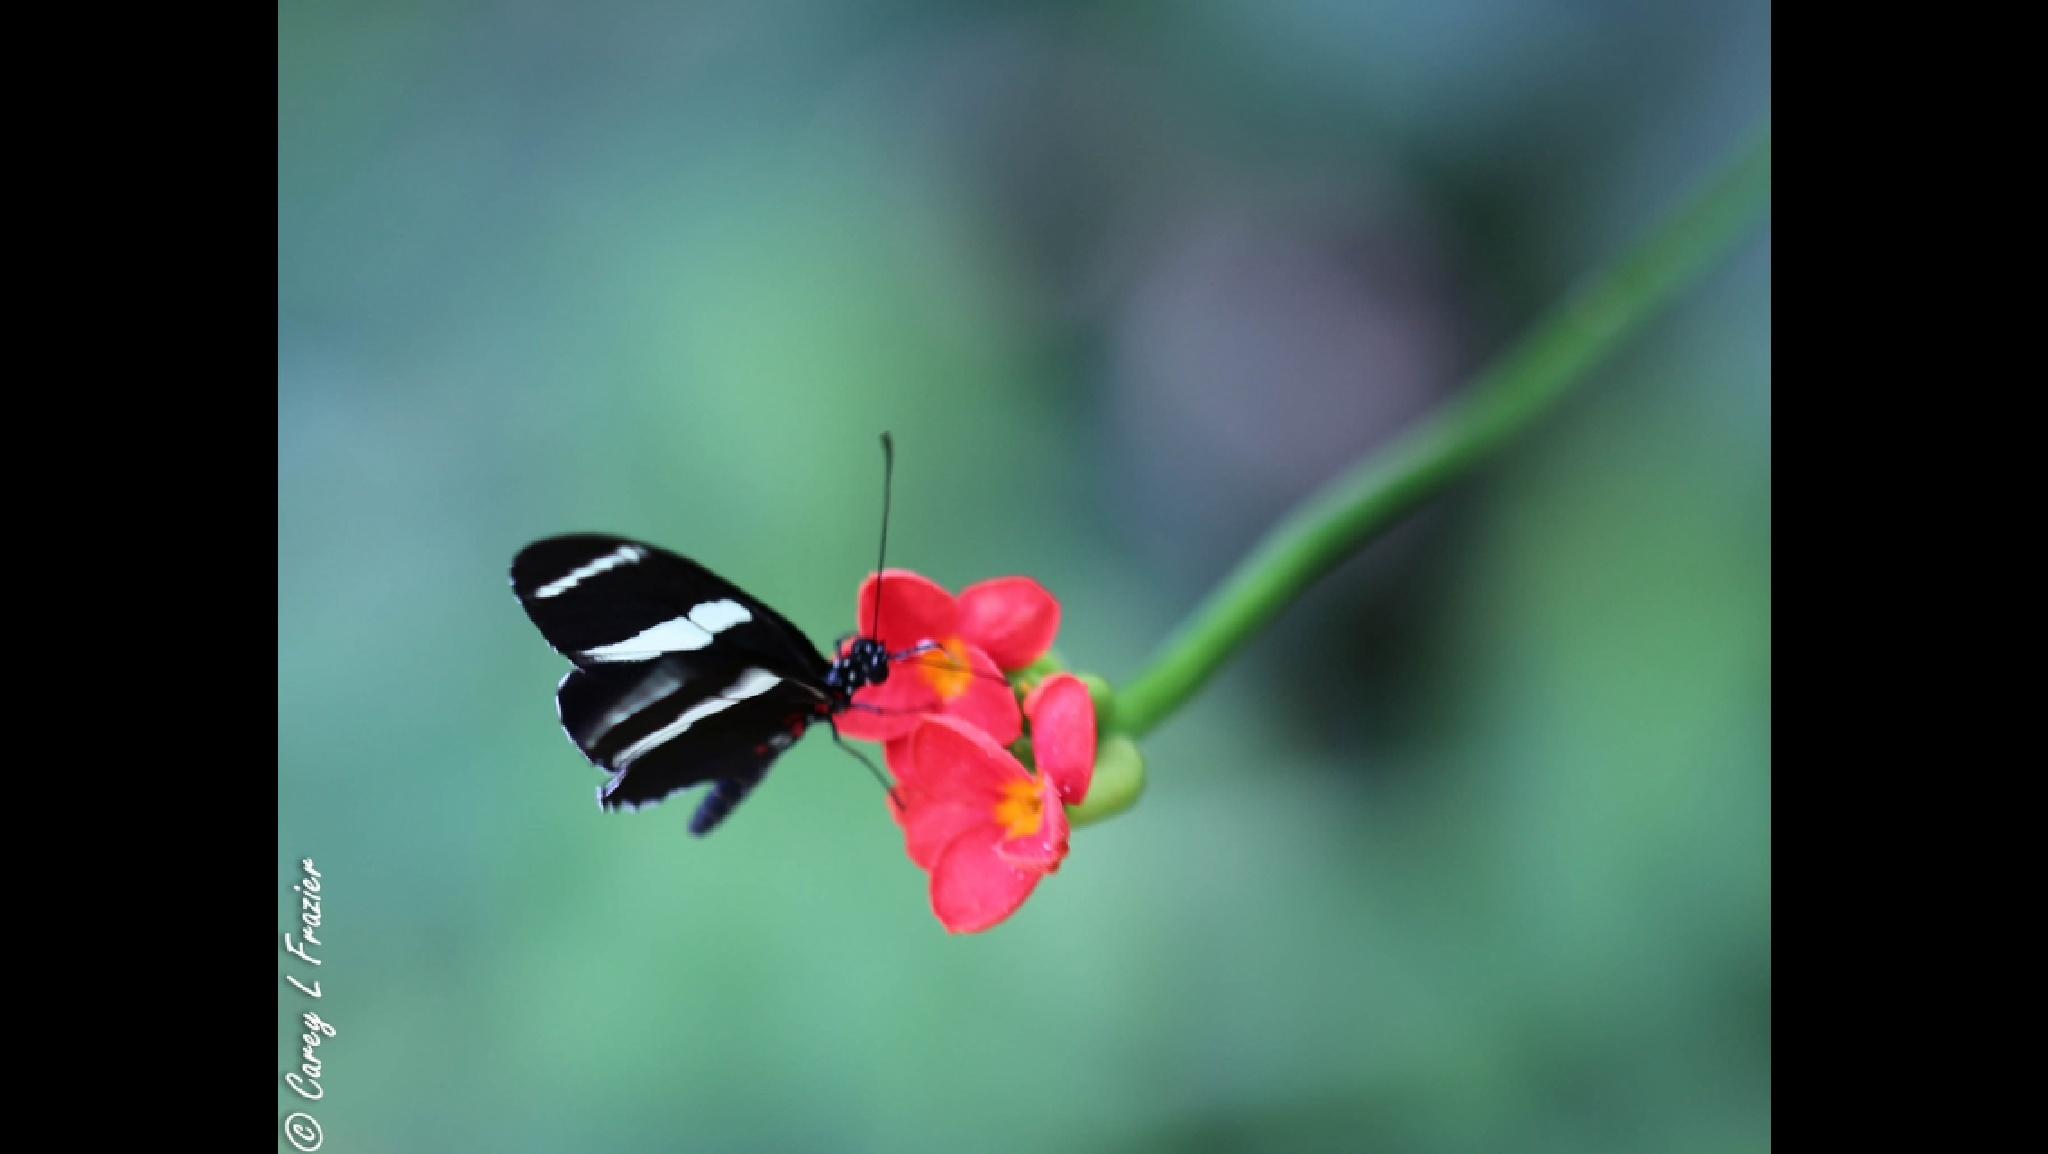 B/W butterfly by careylfrazier